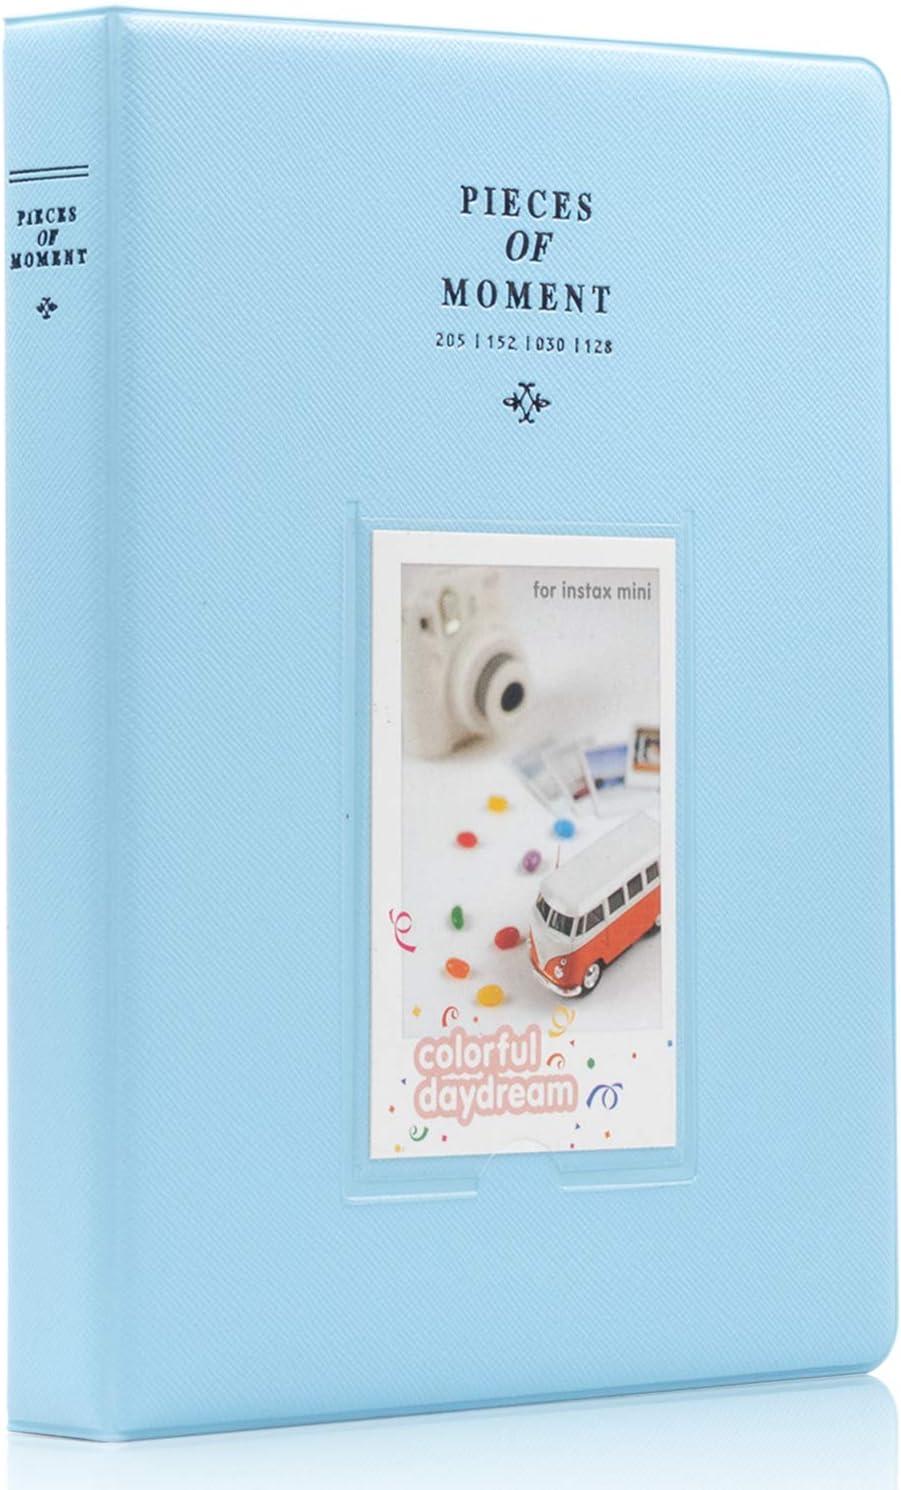 Smokey White 9 25 26 50s 70 90 Instant Camera /& Name Card Ablus 128 Pockets Mini Photo Album for Fujifilm Instax Mini 7s 8 8